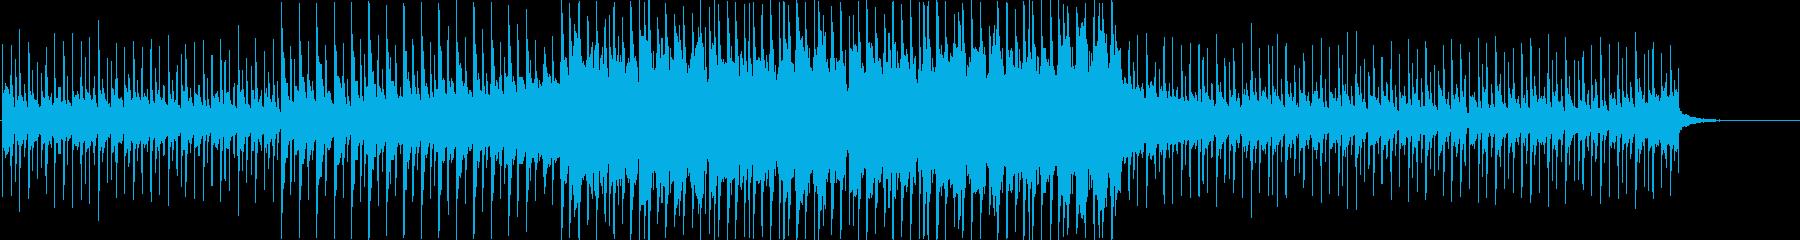 洋楽感のある夏らしいトロピカルハウス4bの再生済みの波形